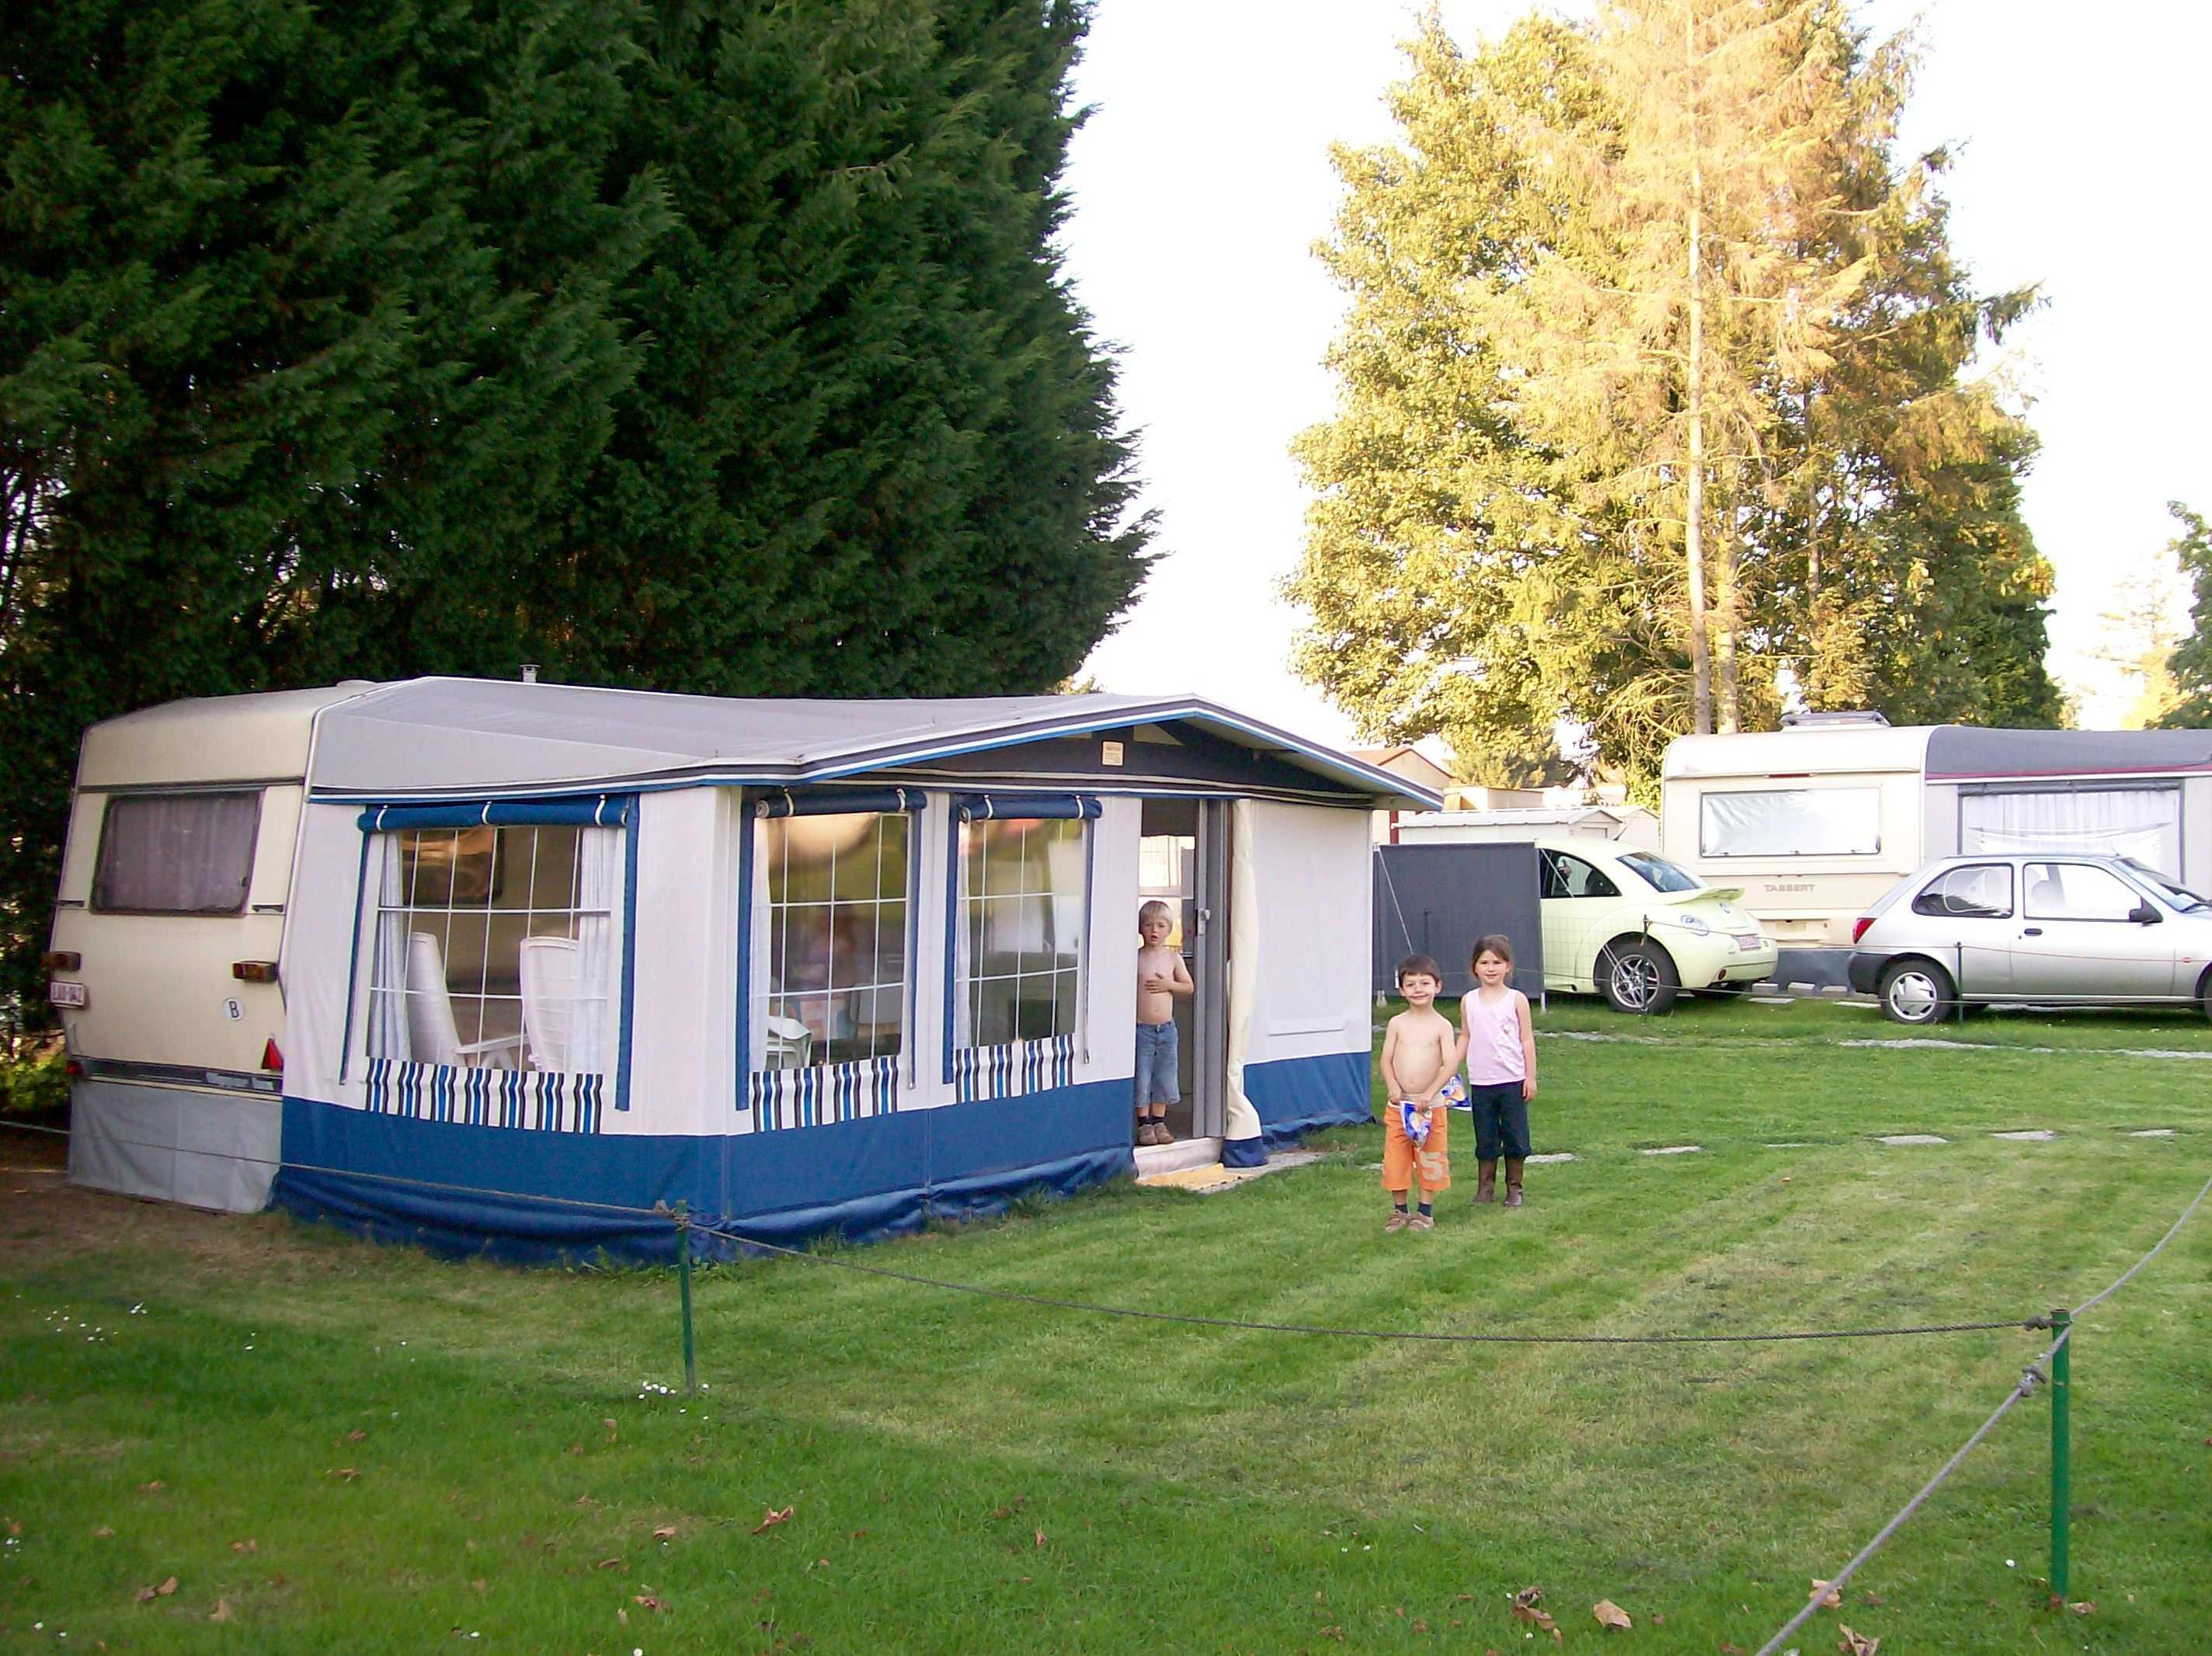 Camping: Domaine de l'Hirondelle